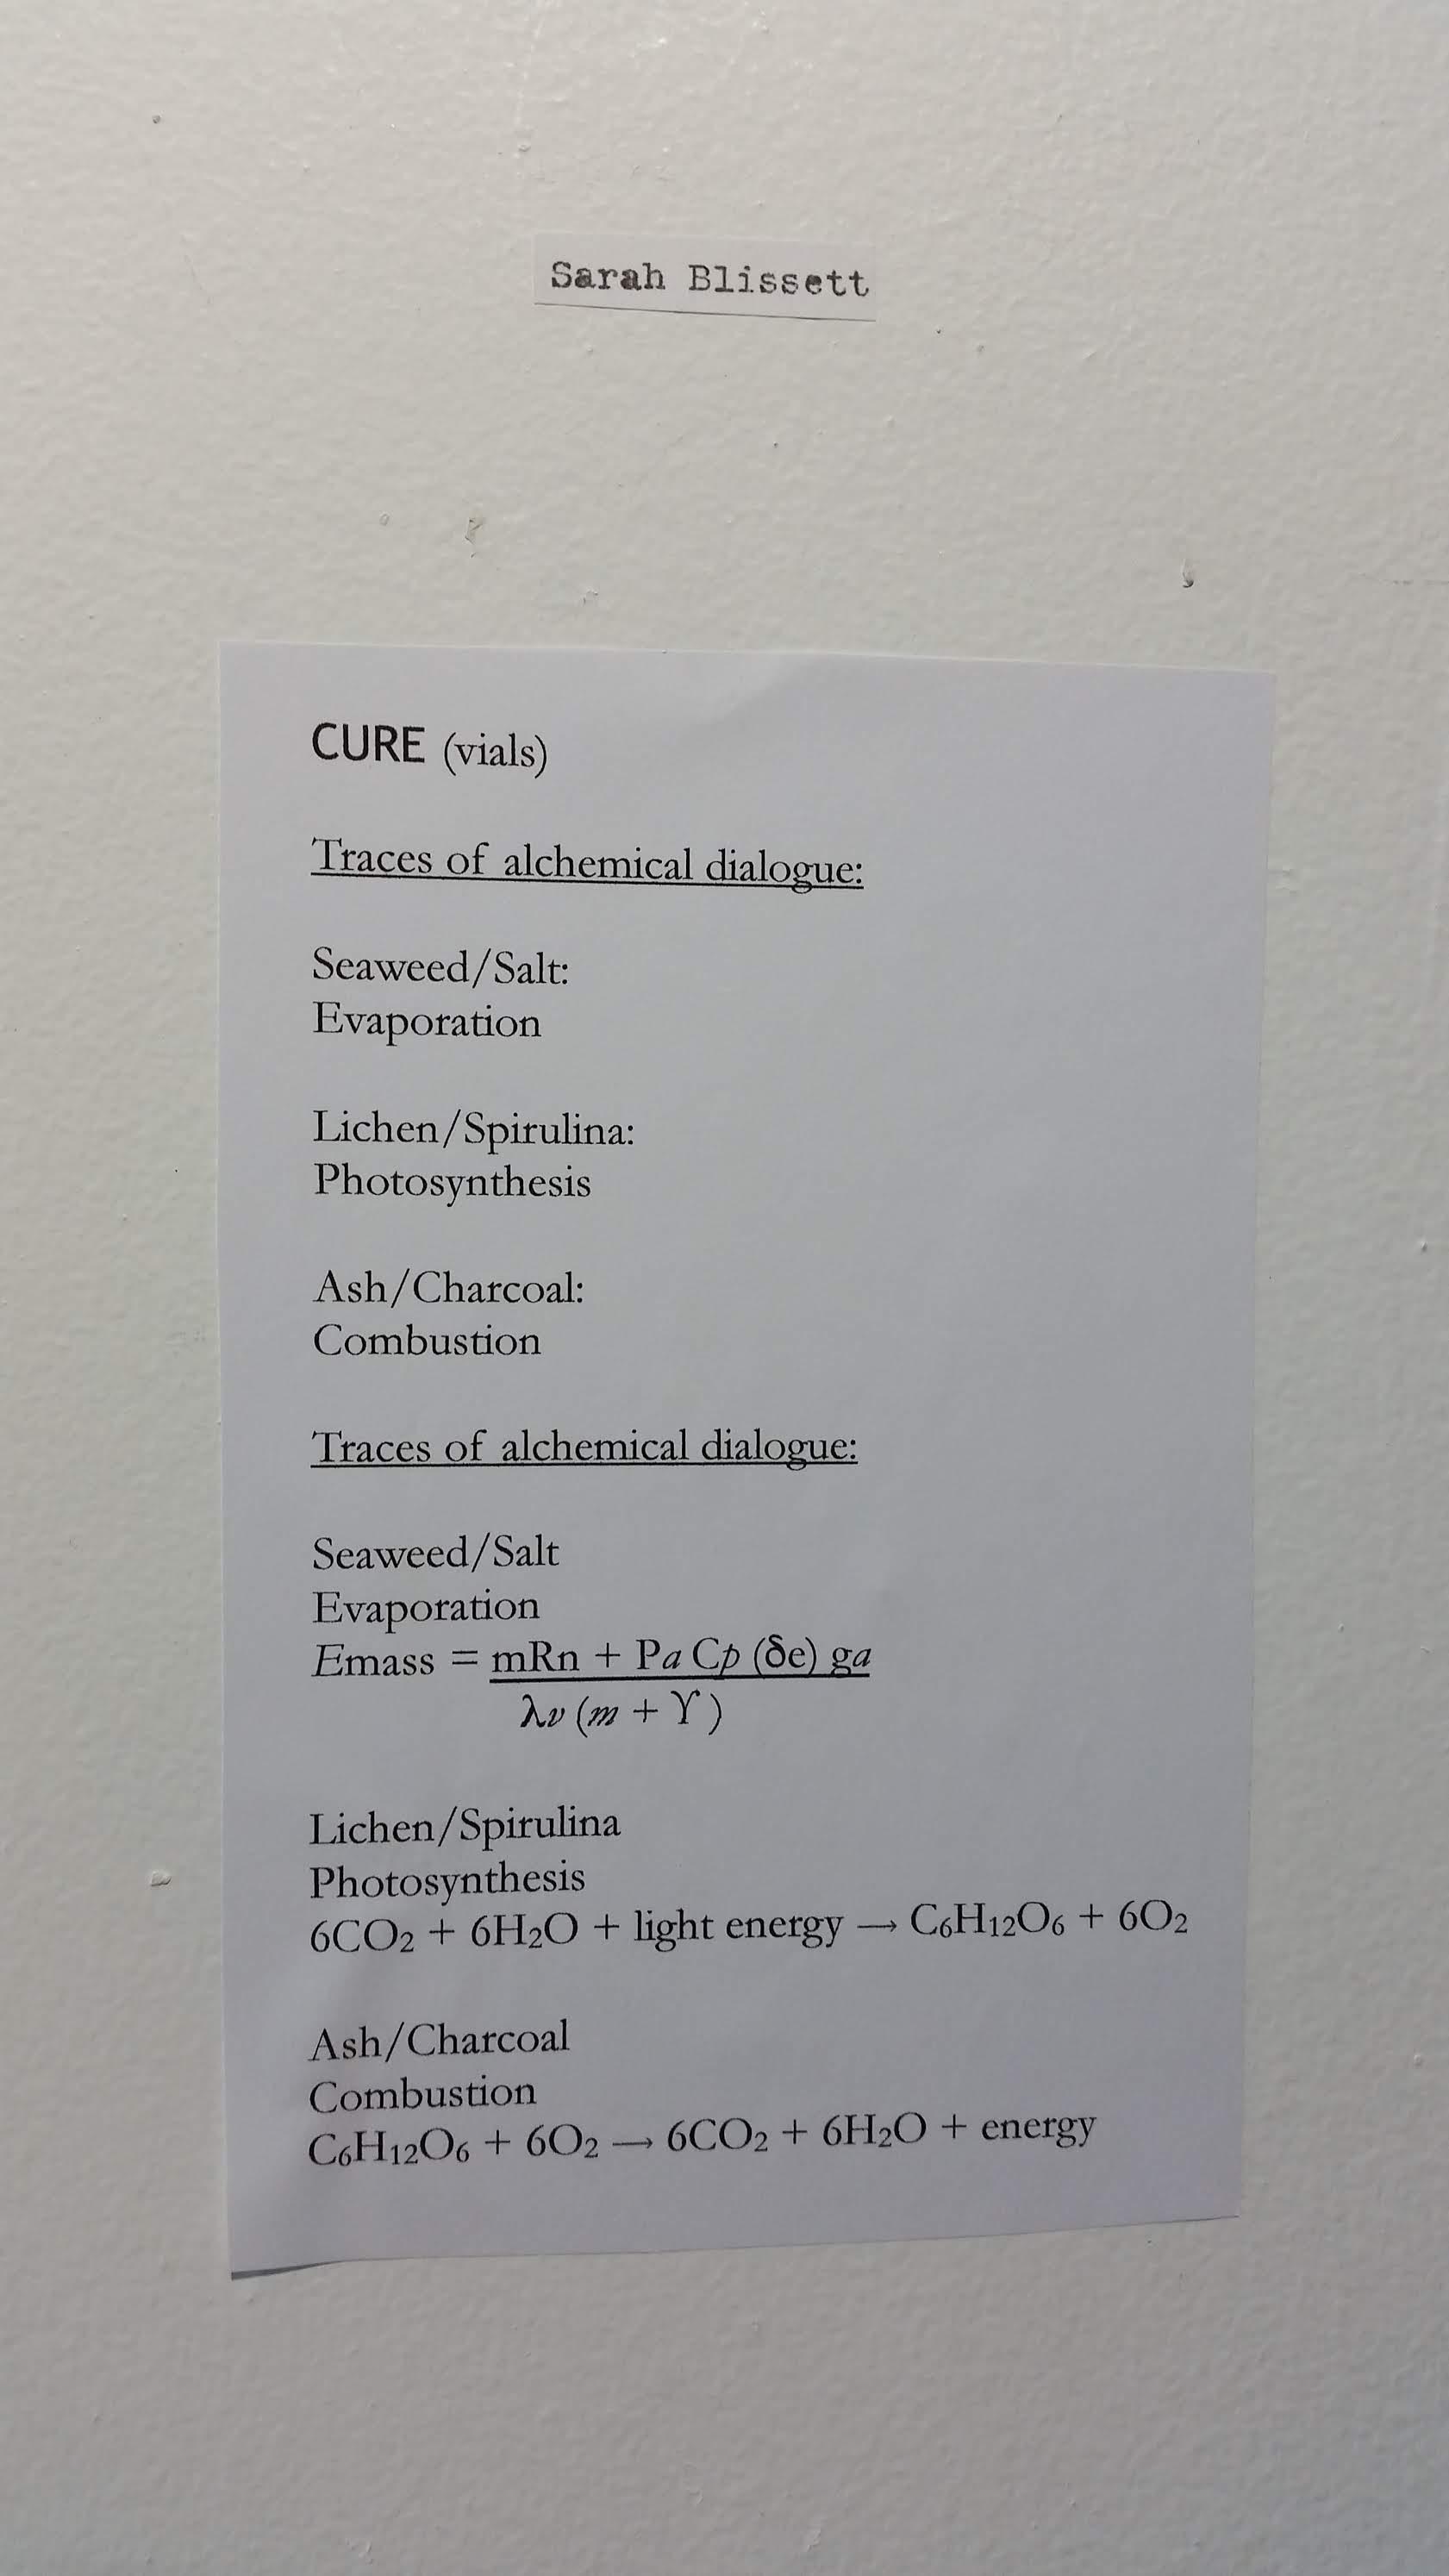 Description of CURE (2018) by Sarah Blissett